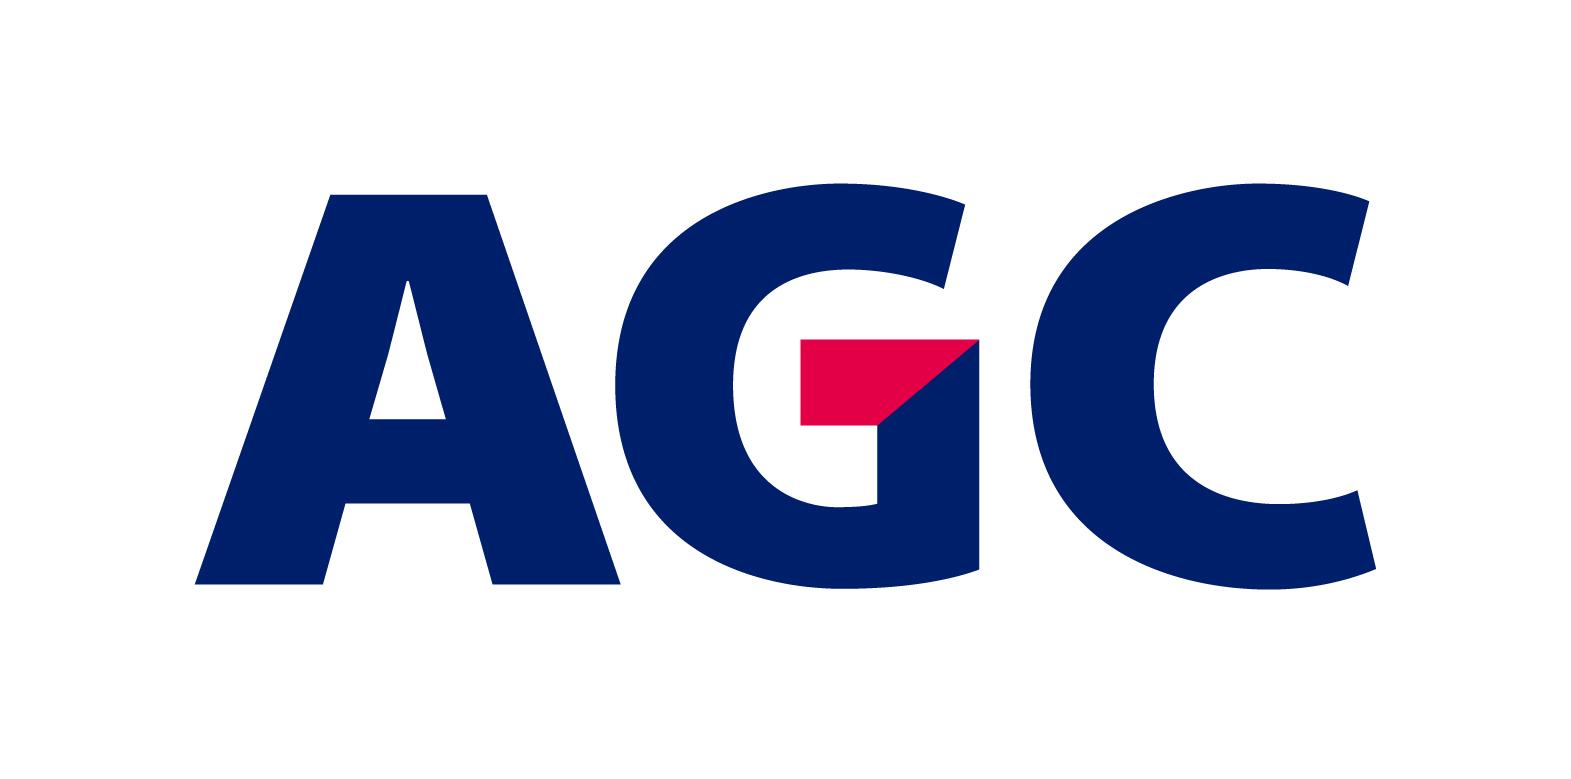 艾杰旭汽车玻璃(苏州)有限公司QA/QC工程师(日语)日企招聘信息